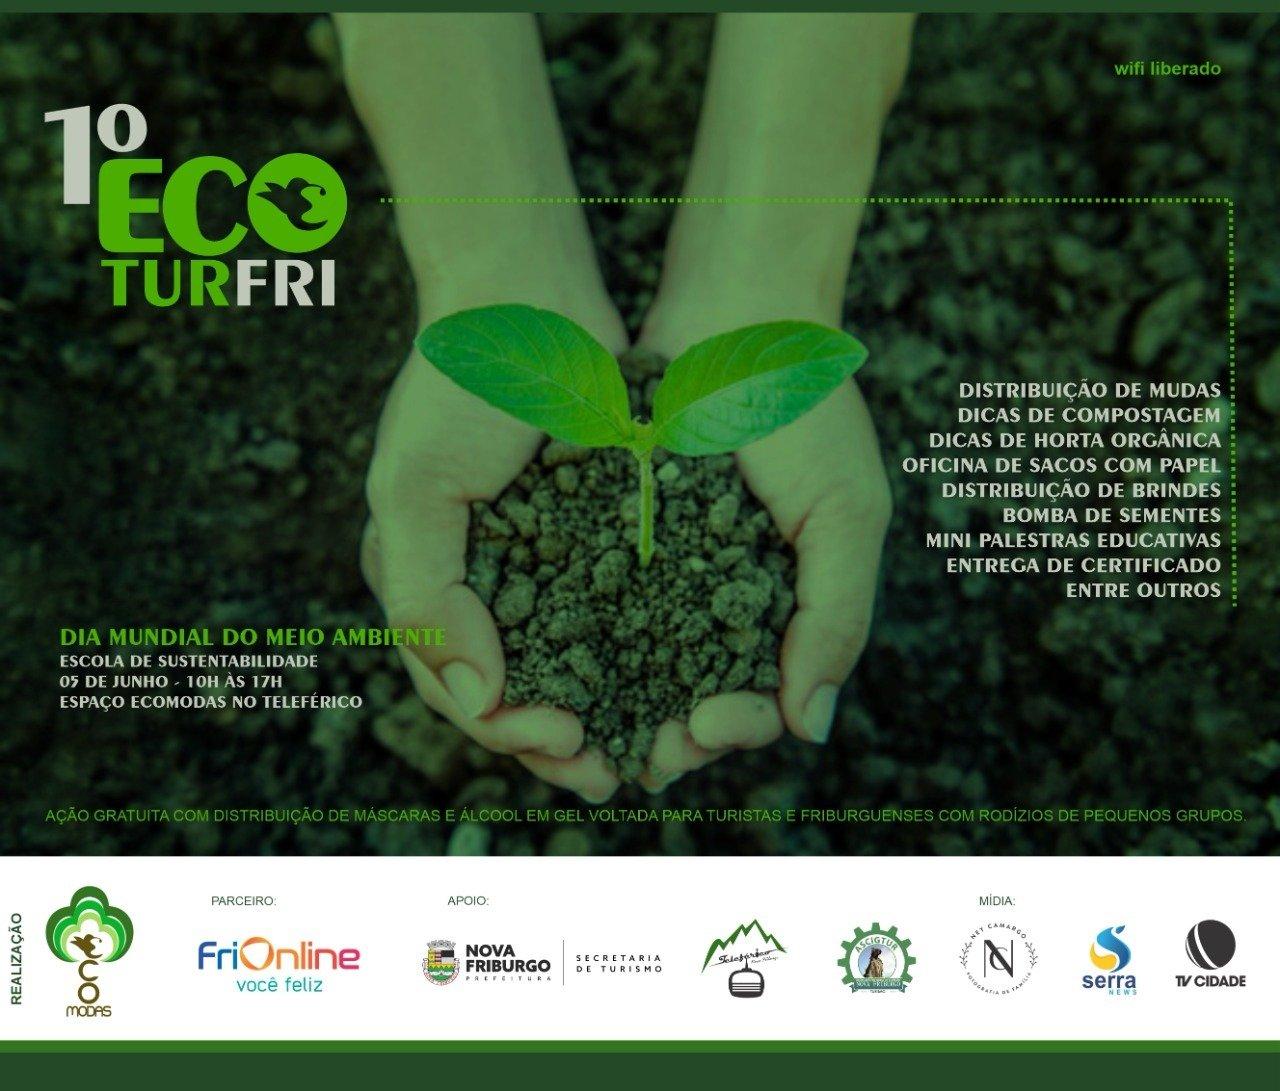 EcoModas organiza ação para o Dia Mundial do Meio Ambiente em Nova Friburgo